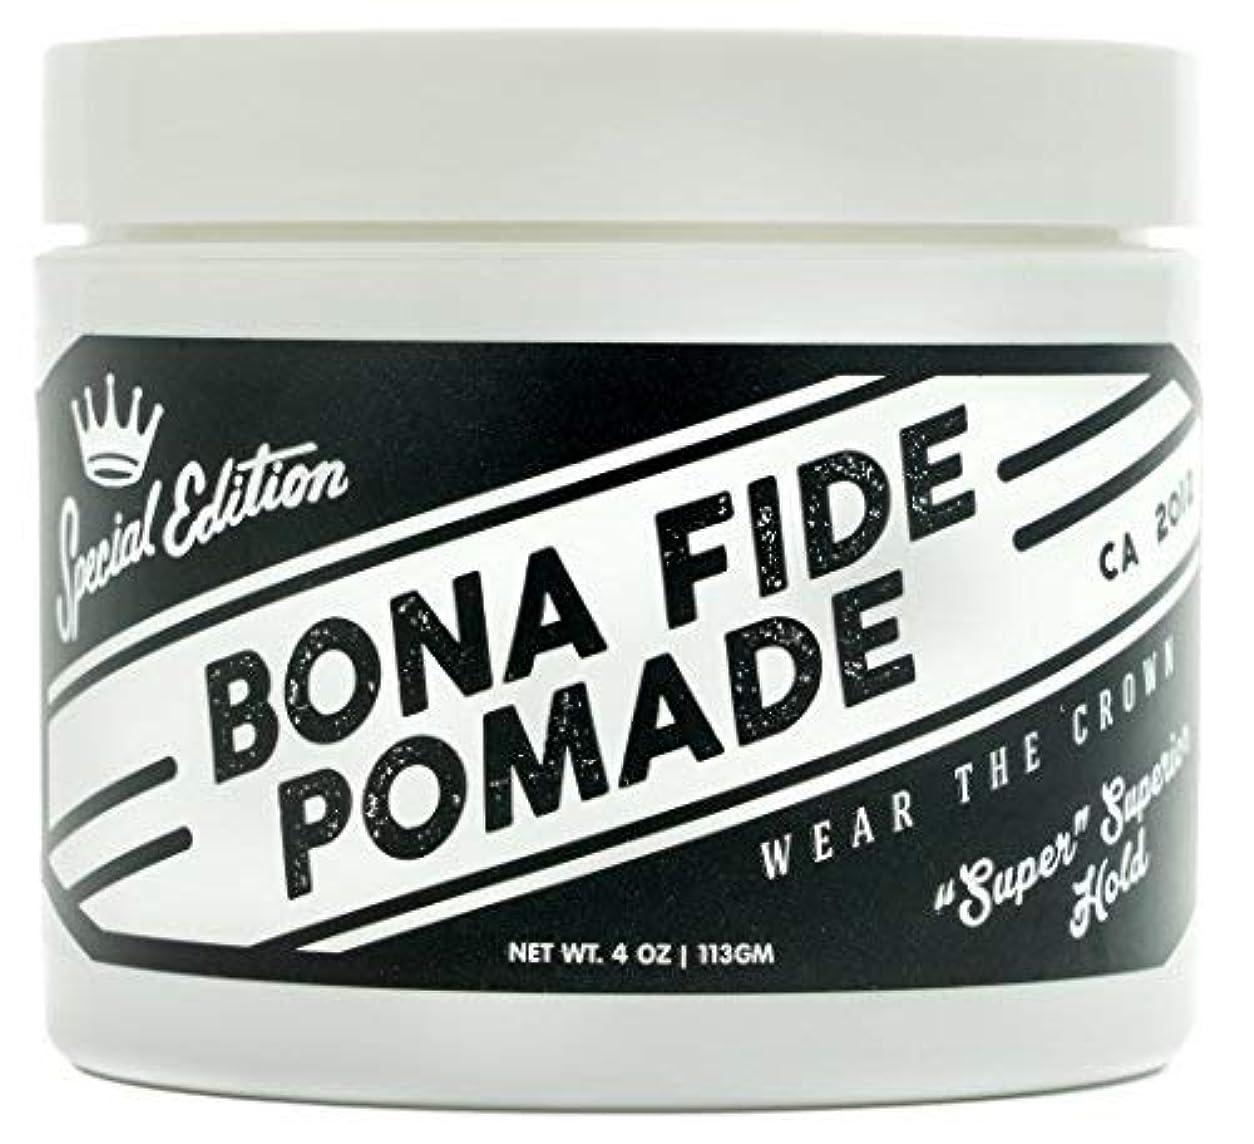 栄光晴れ緯度Bona Fide Pomade, スーパースーペリアホールドSE, 4OZ (113g)、水性ポマード/ヘアー グリース (整髪料)